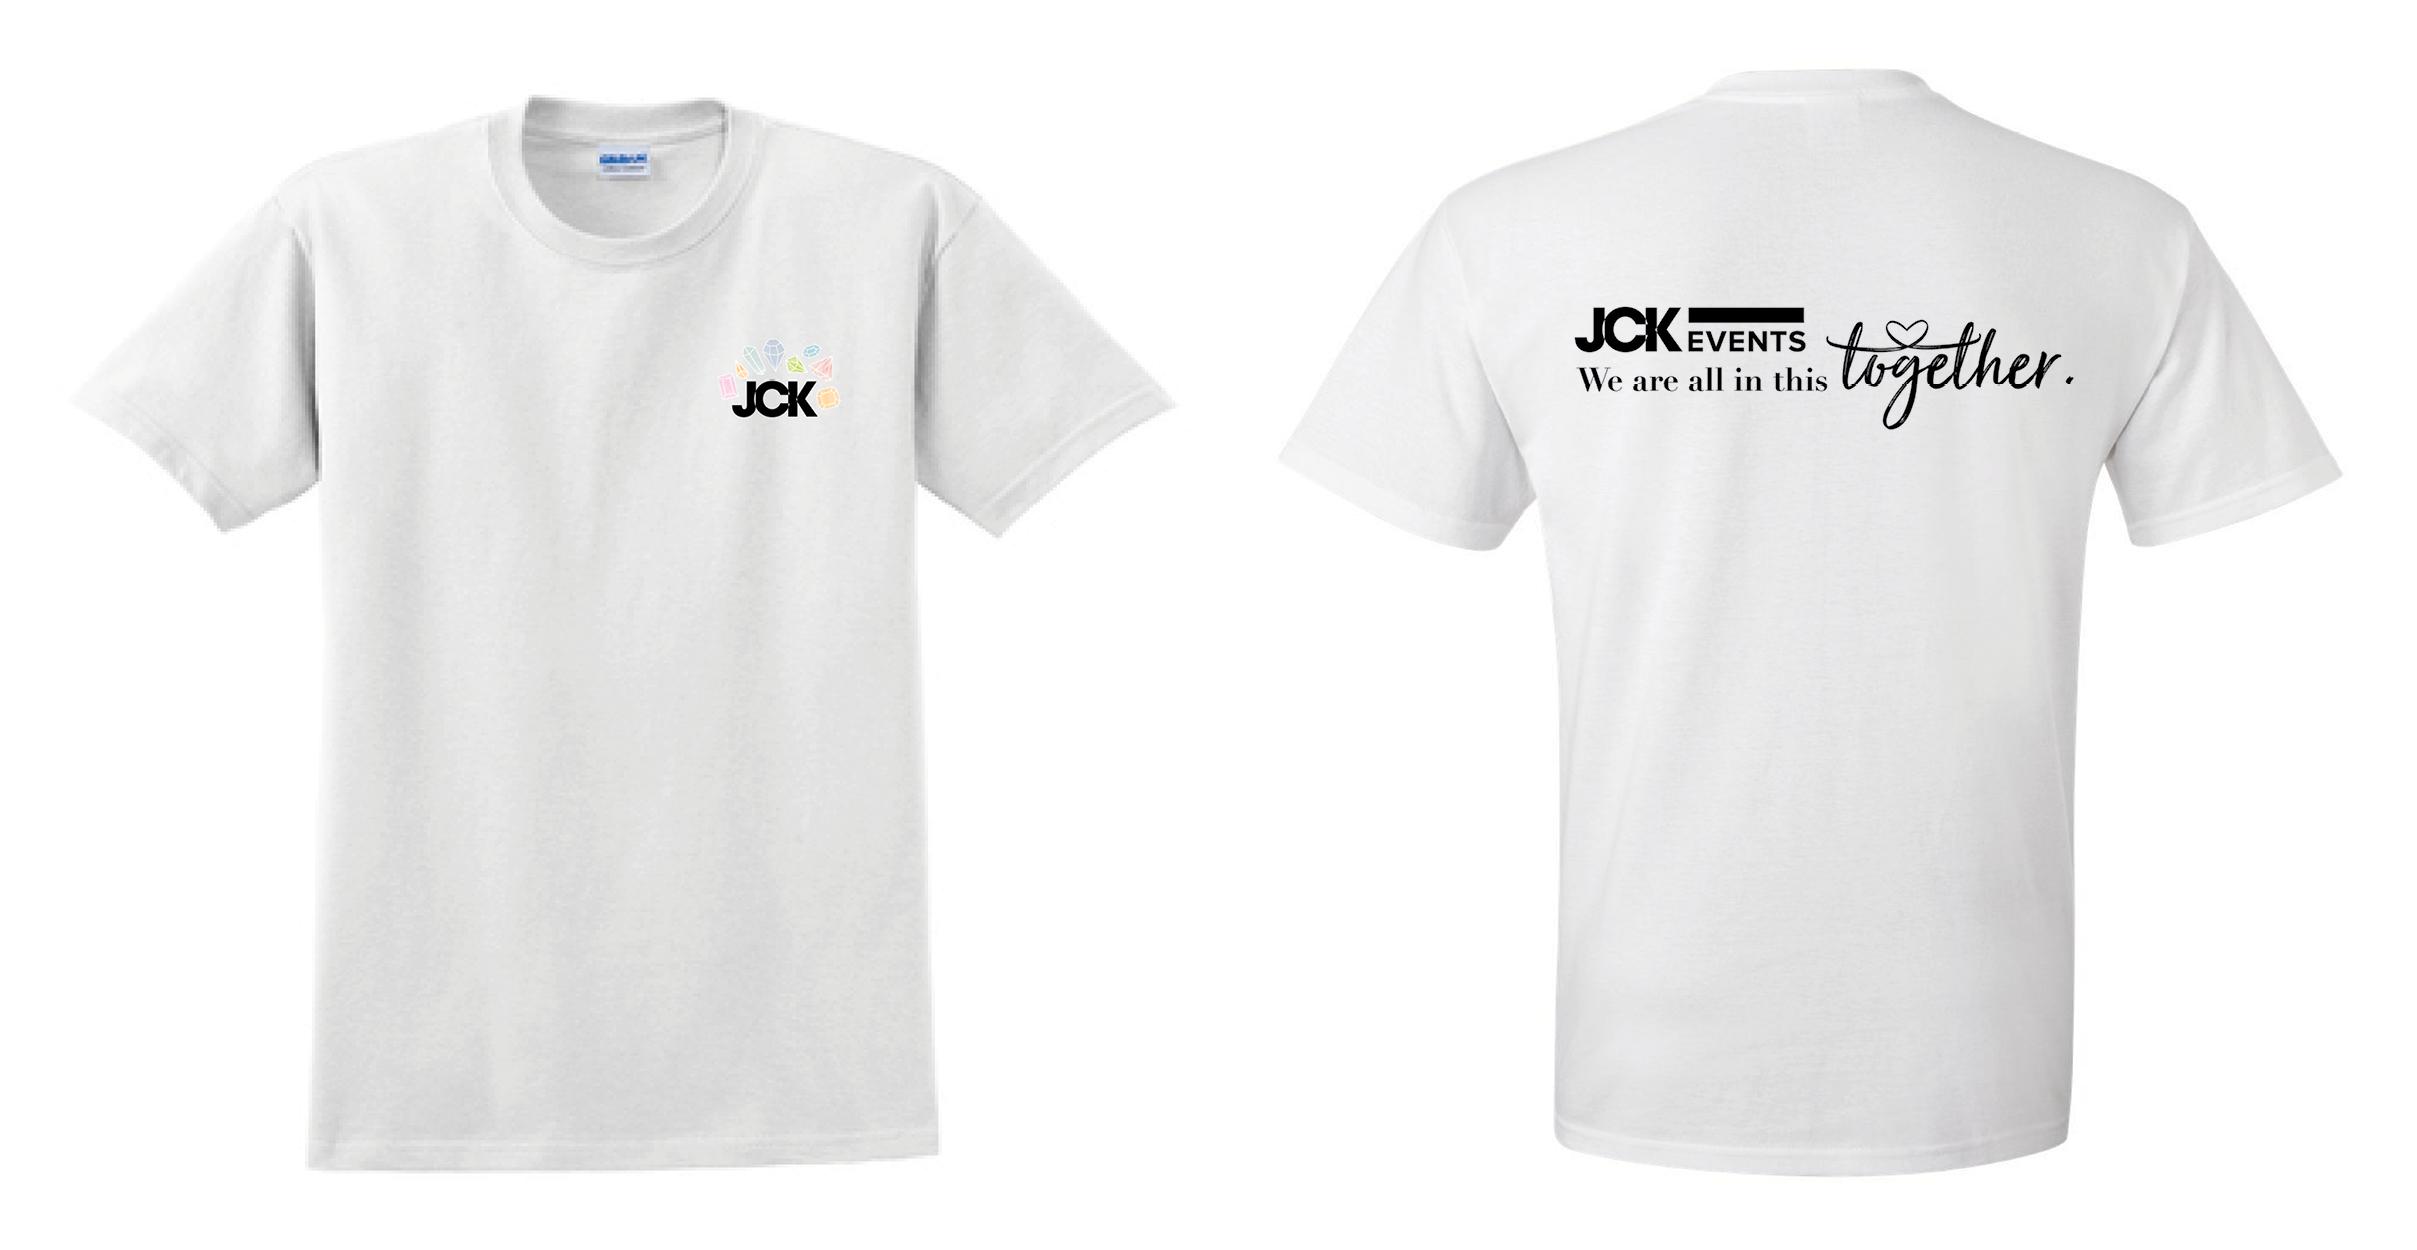 JCK Stronger Together